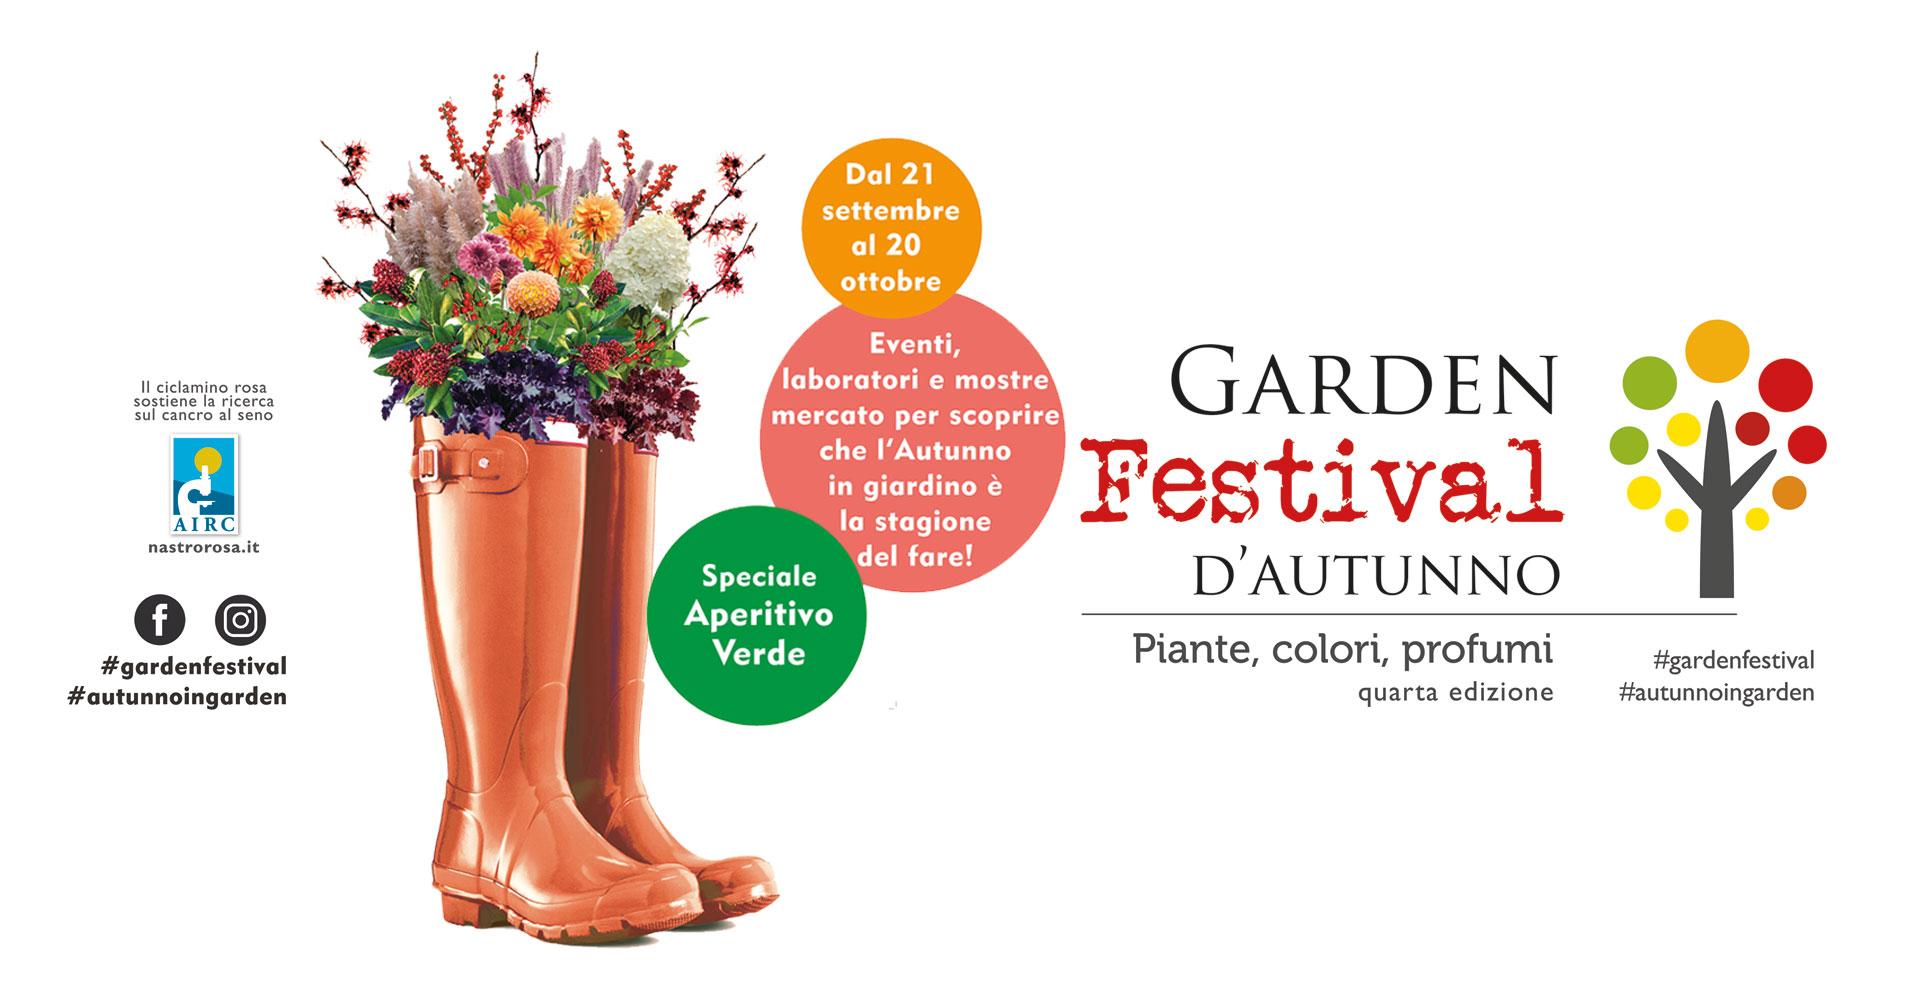 Garden Festival d'autunno Centro giardinaggio pellegrini